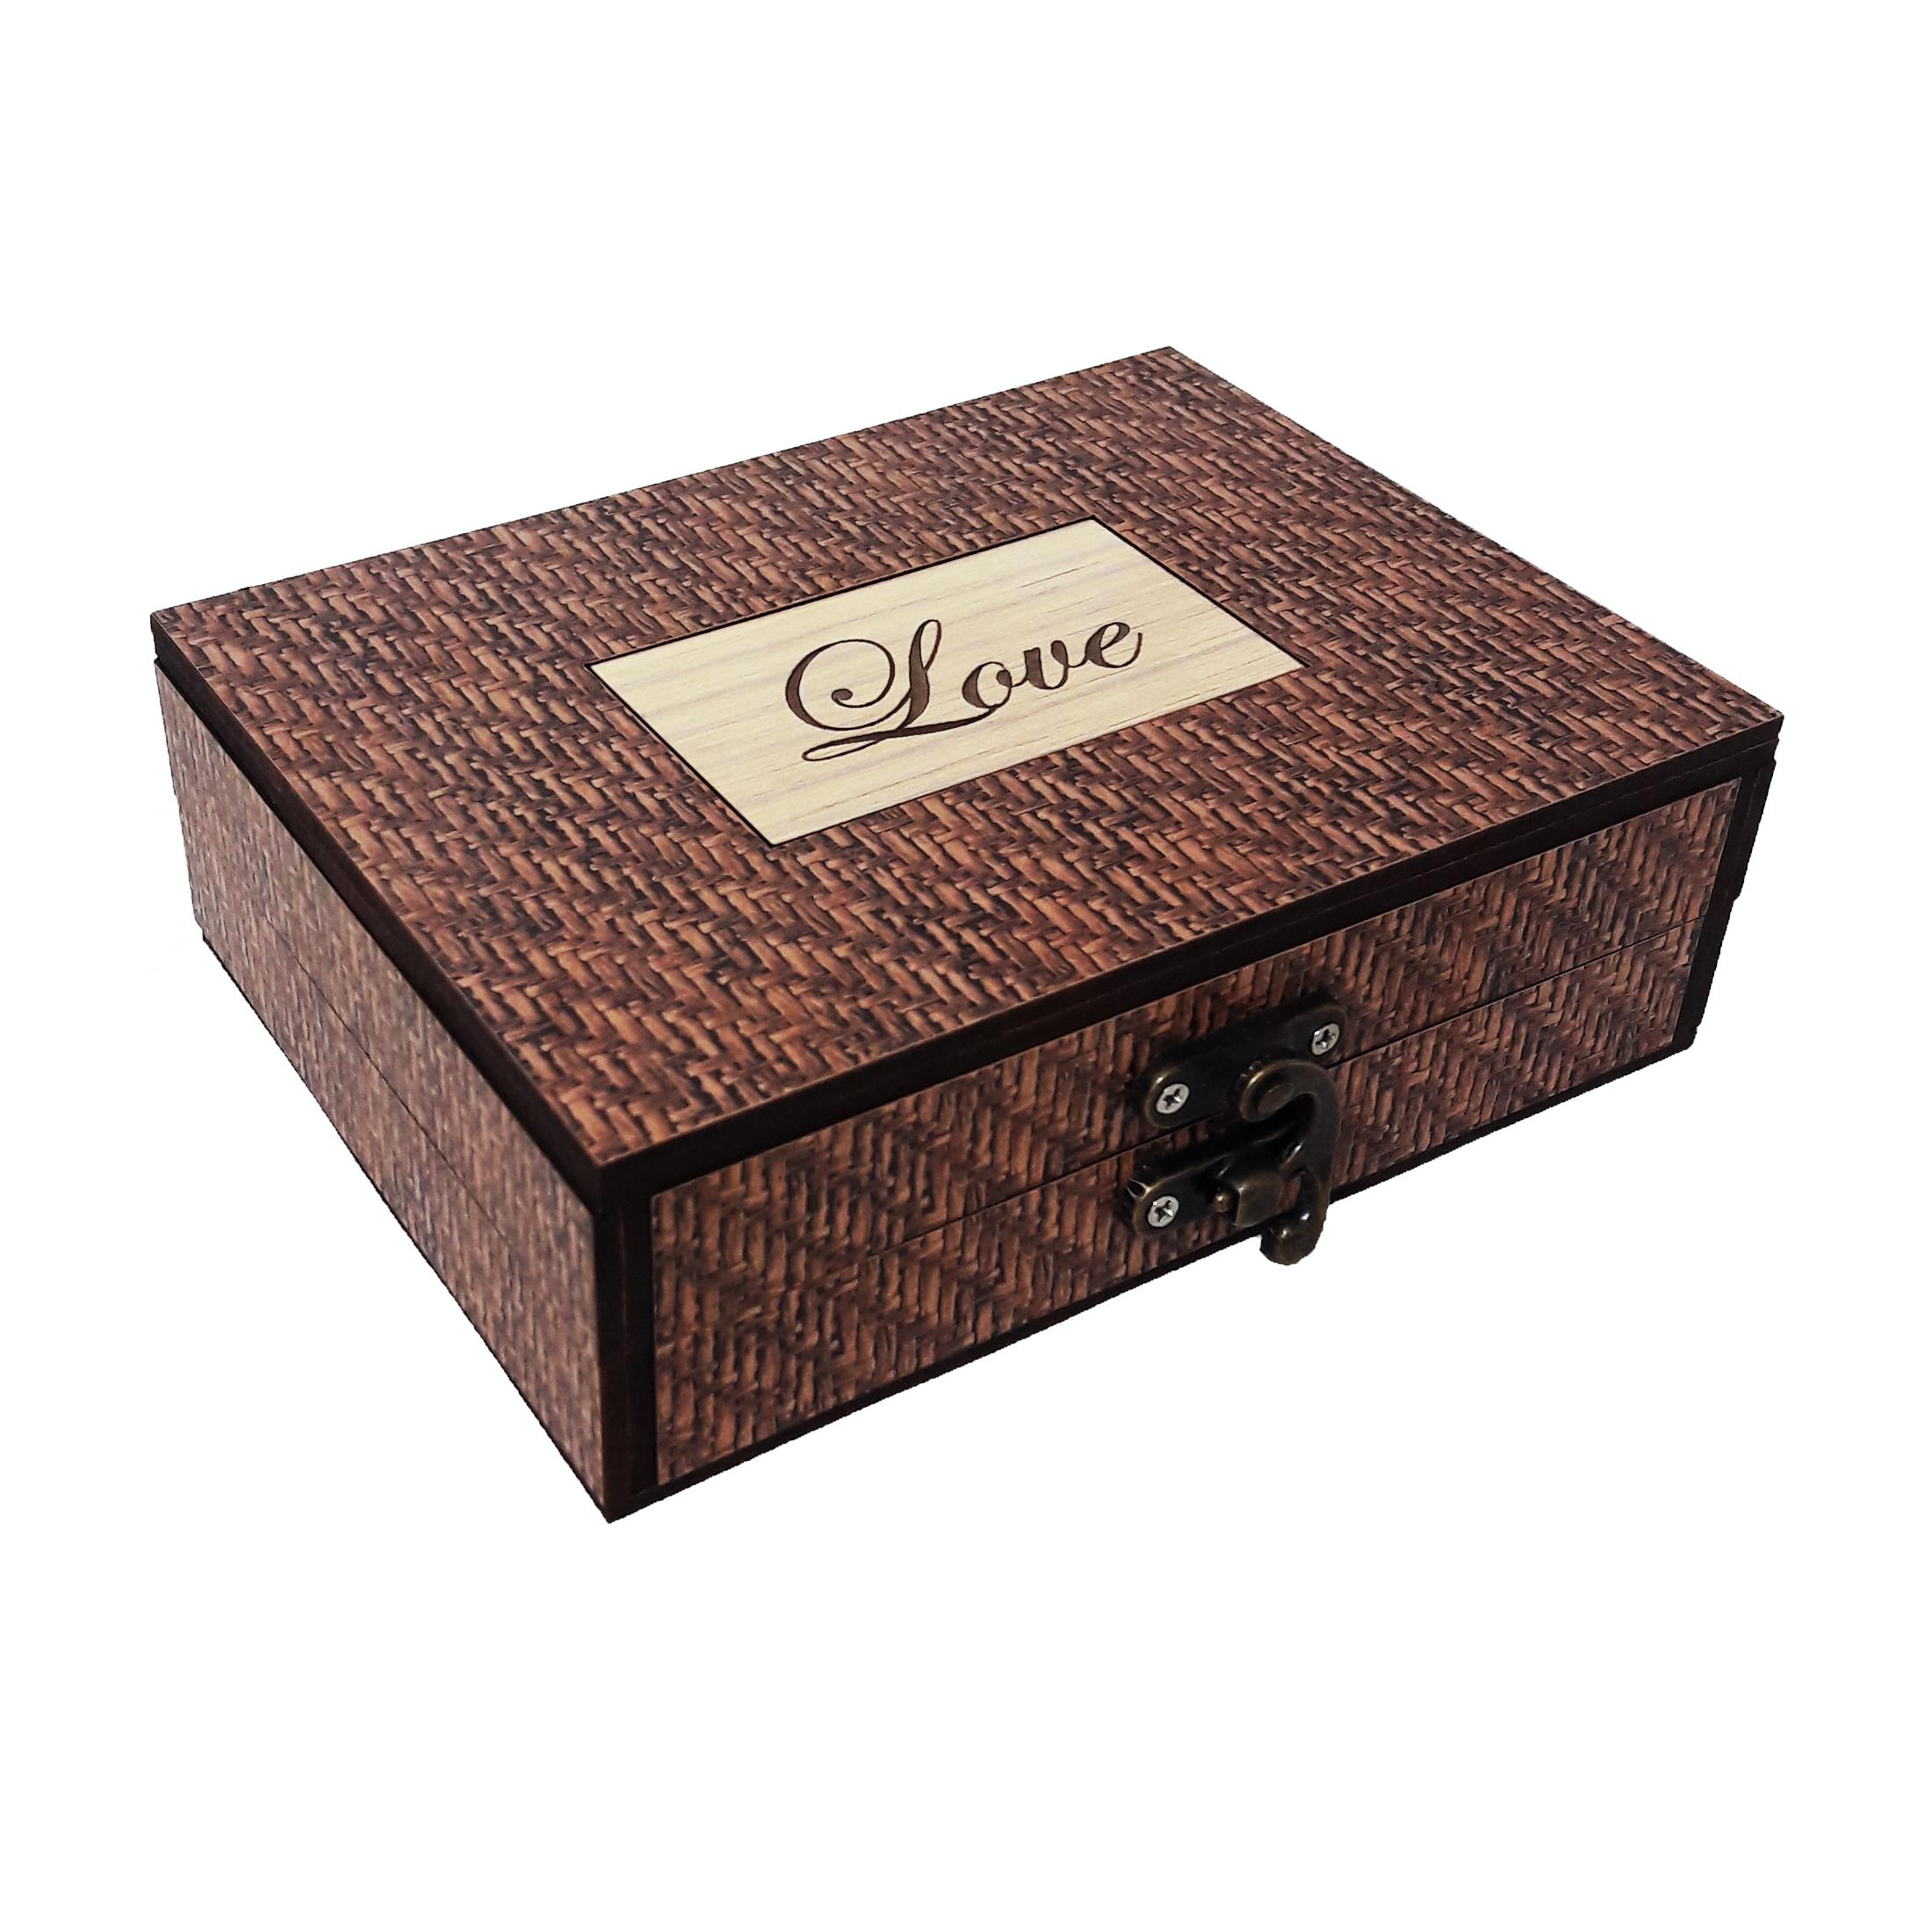 جعبه هدیه چوبی کادو آیهان باکس مدل 116